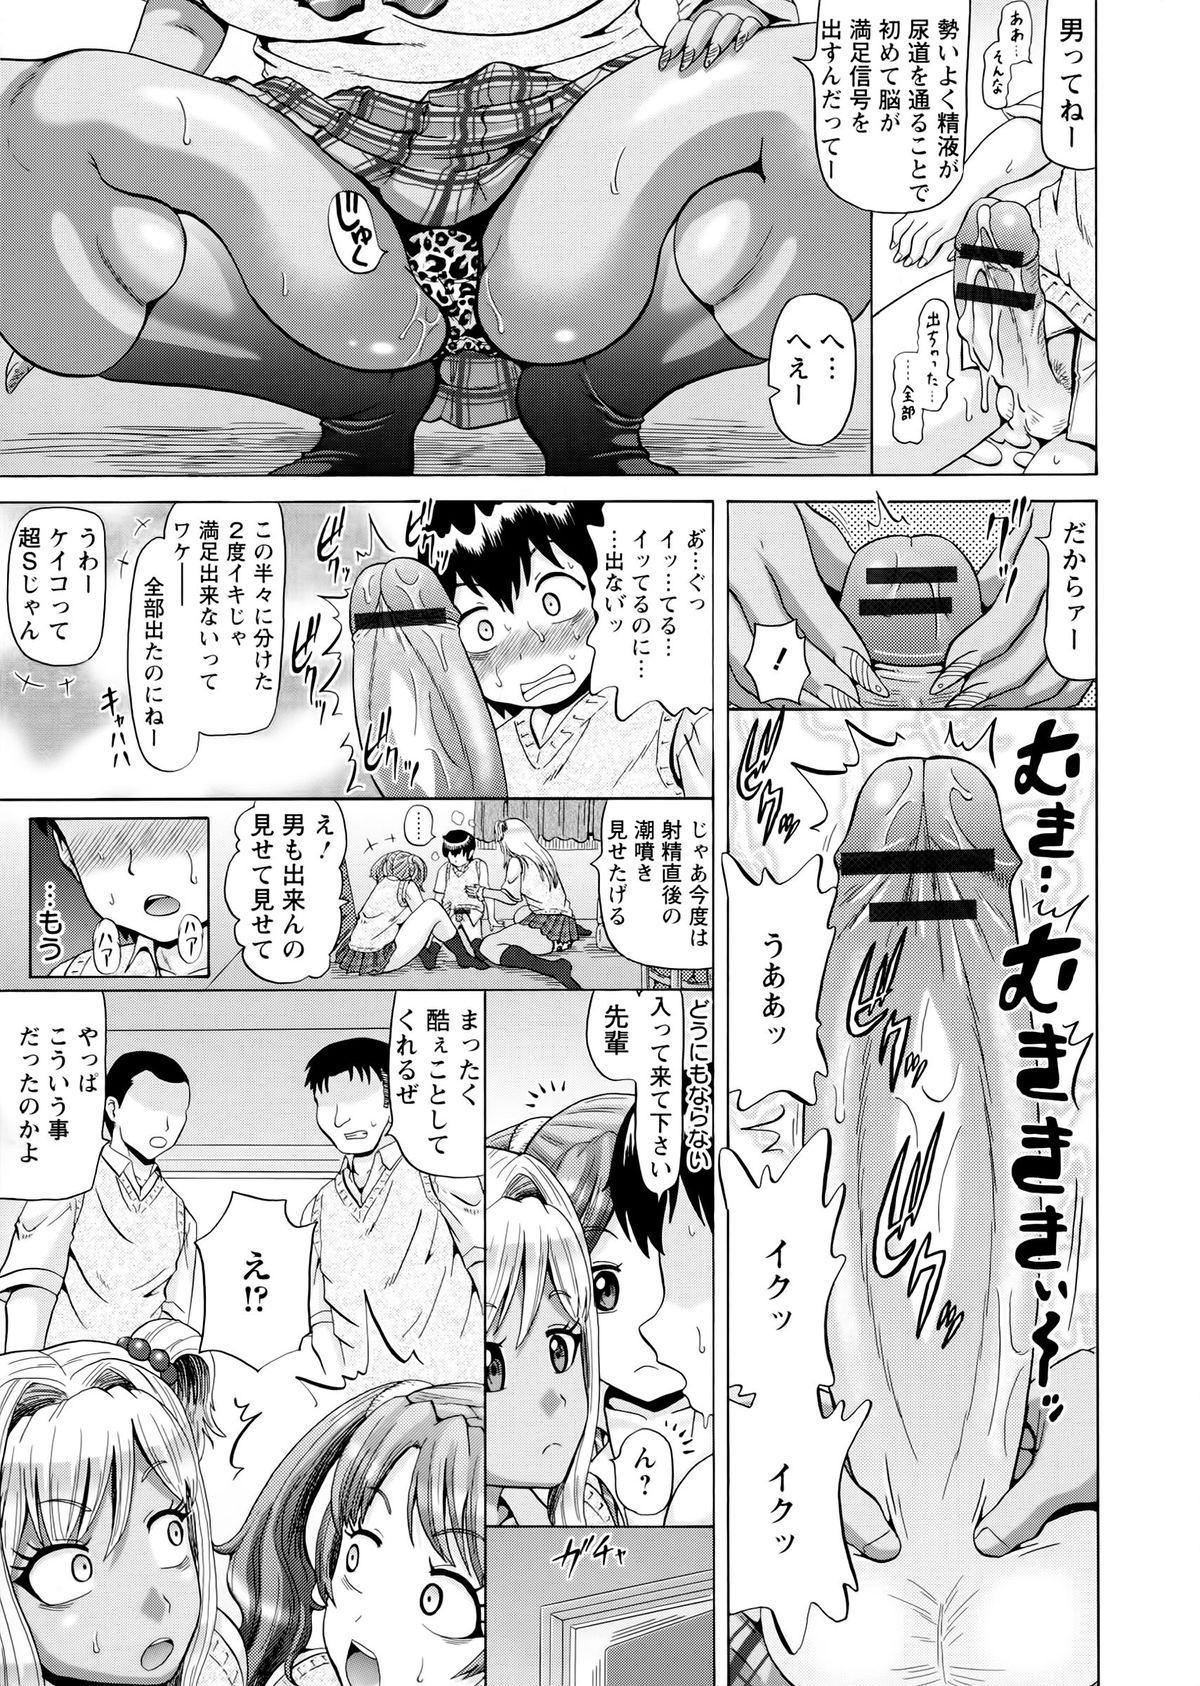 Hameana Jirashi Ketsu Naburi 74